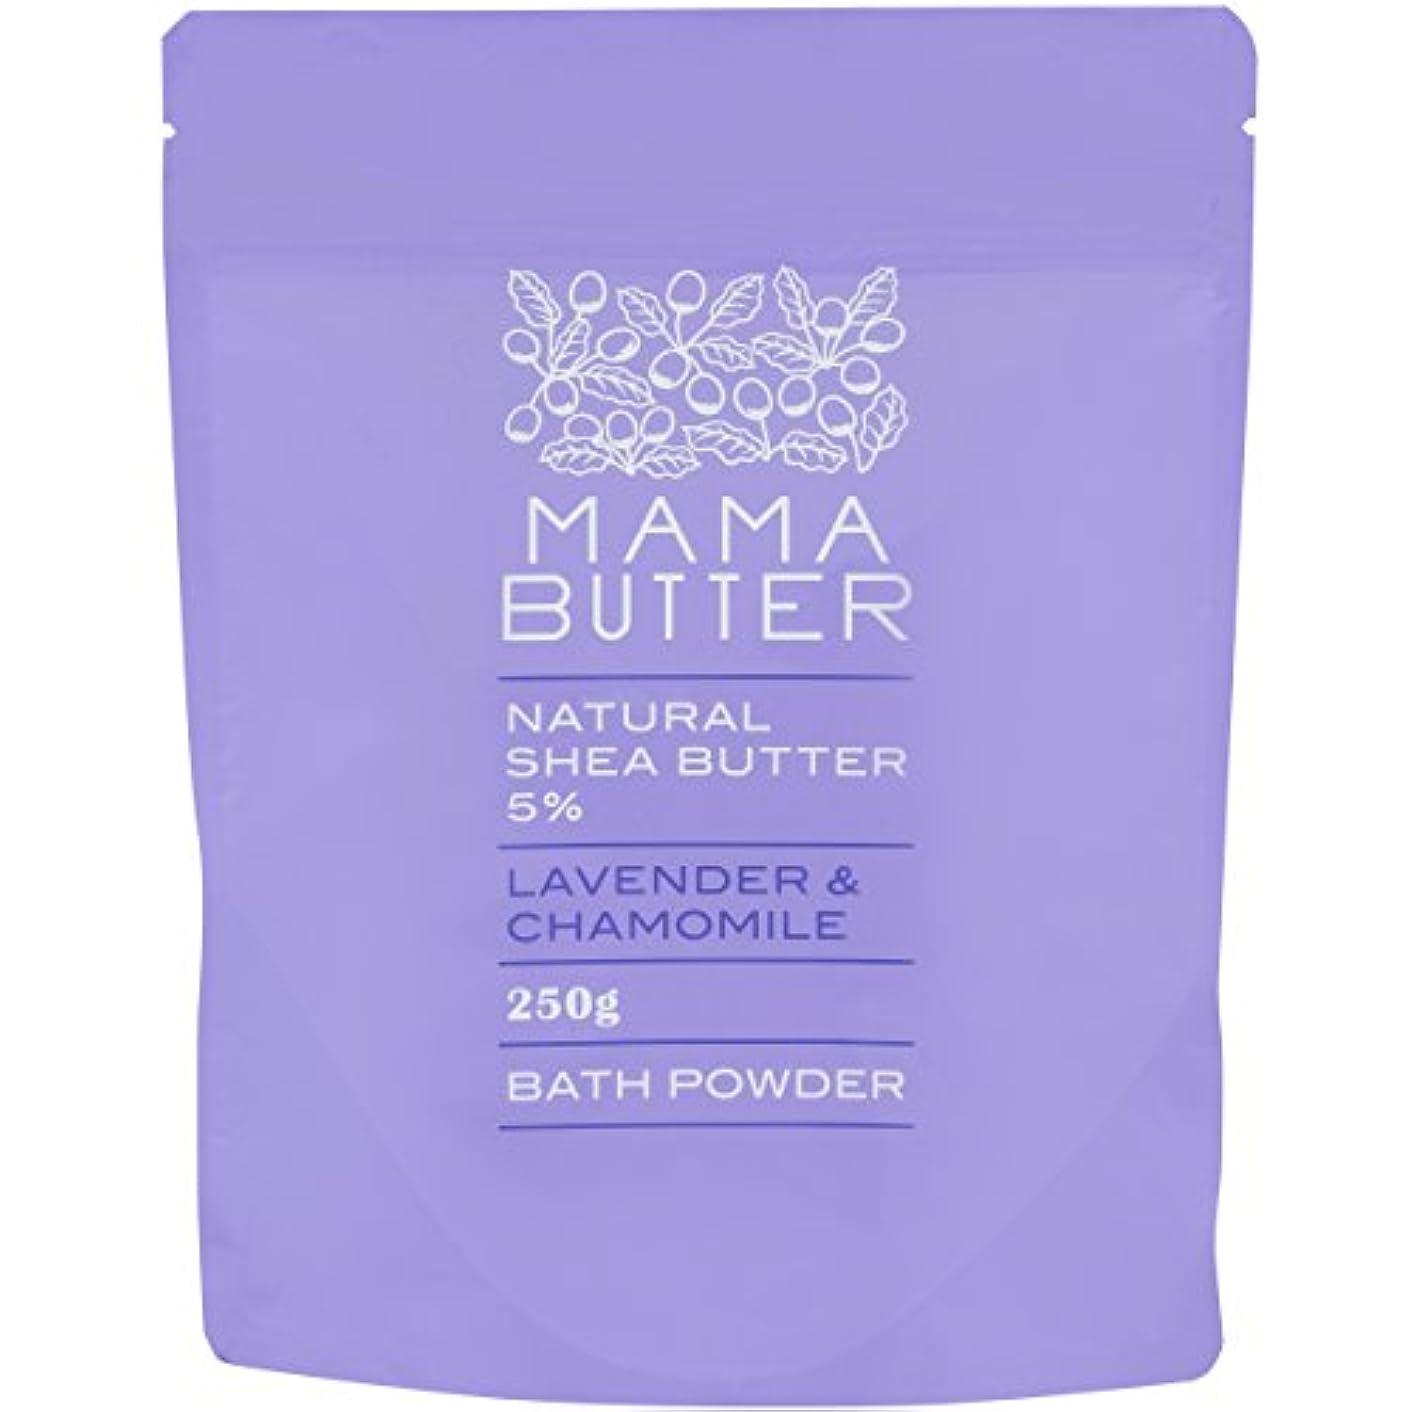 実験的郊外夕方ママバター ナチュラル バスパウダー ラベンダー&カモミールの香り 250g